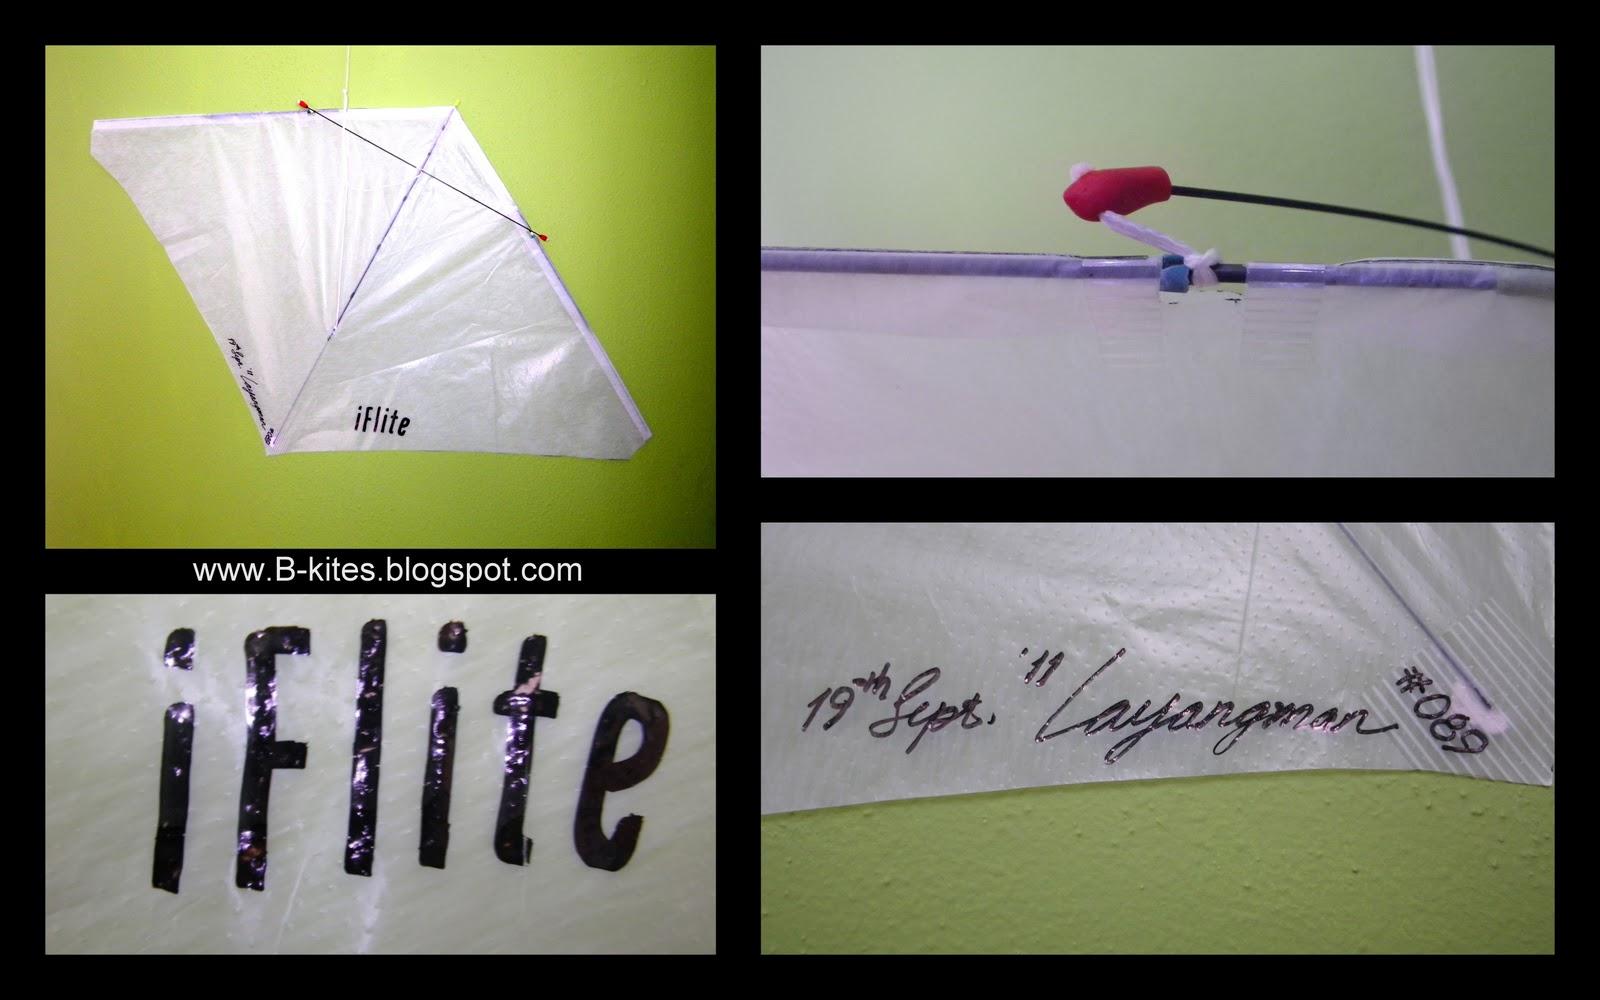 B kites iflite for Indoor kite design